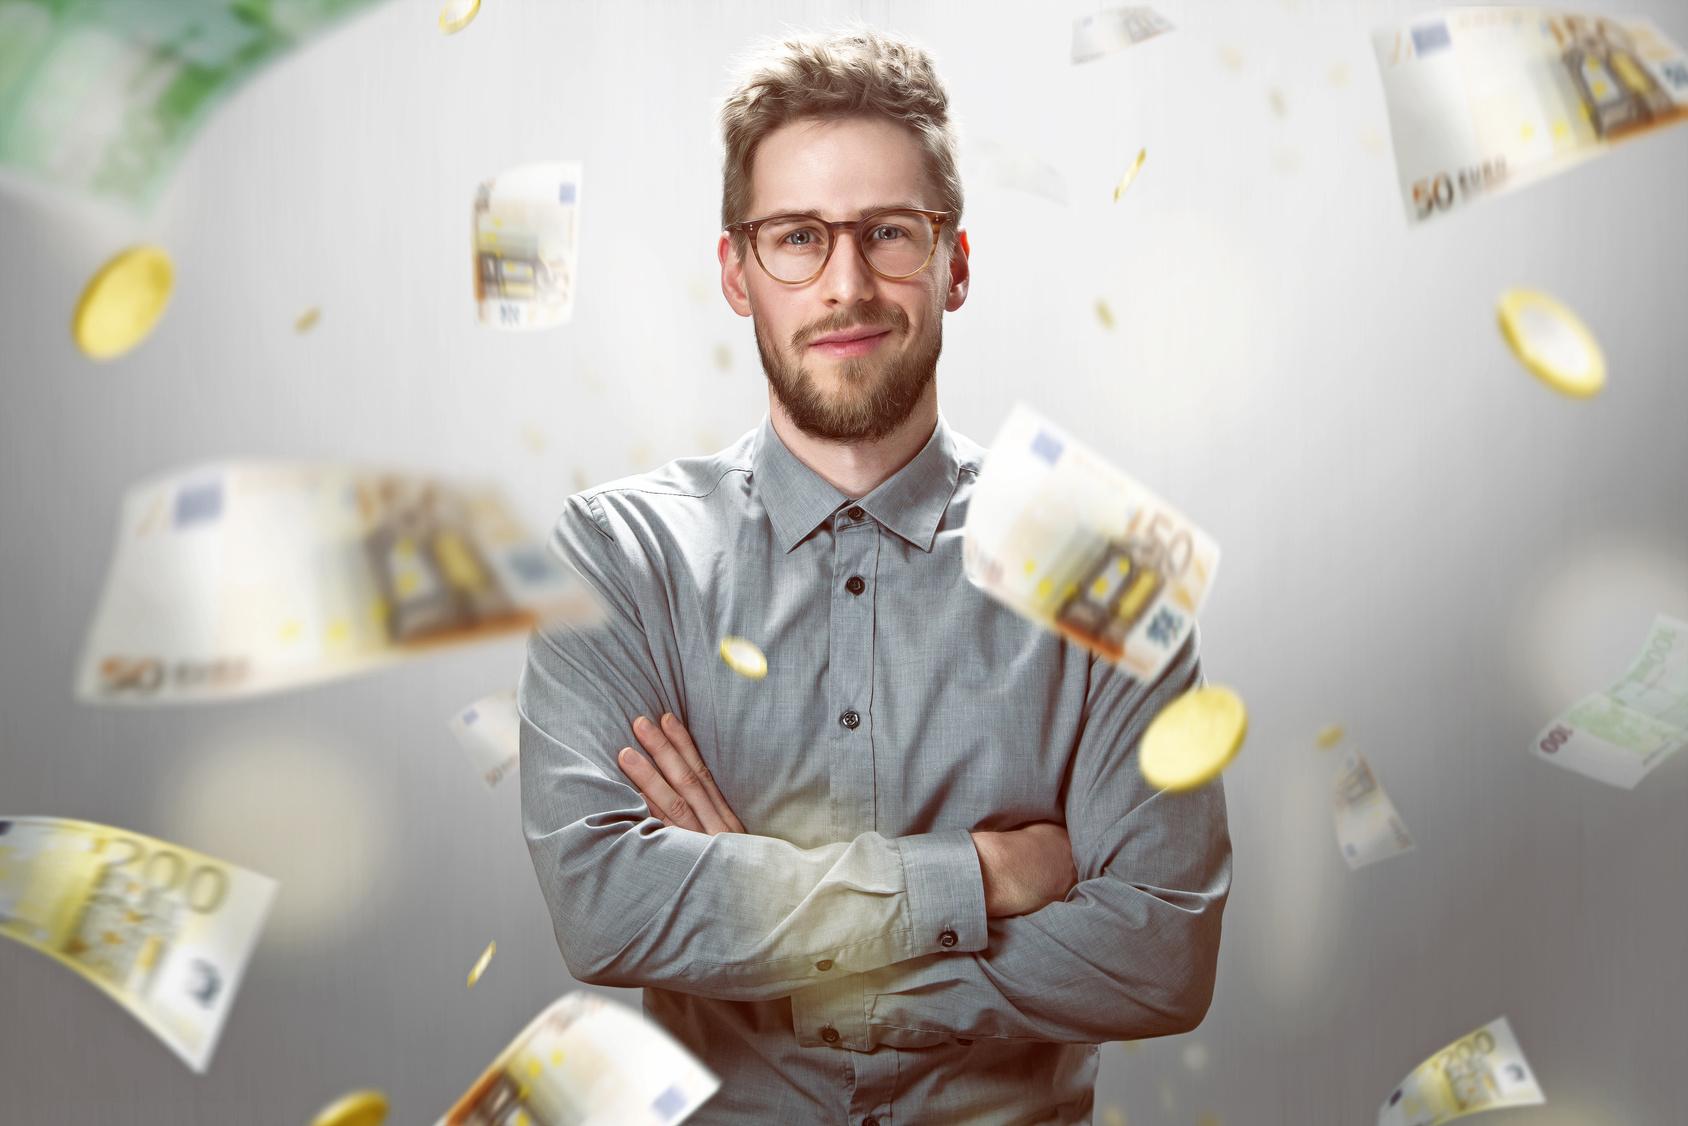 Konkursomania – inwestycja w wizerunek, czy bezmyślne rozdawnictwo?